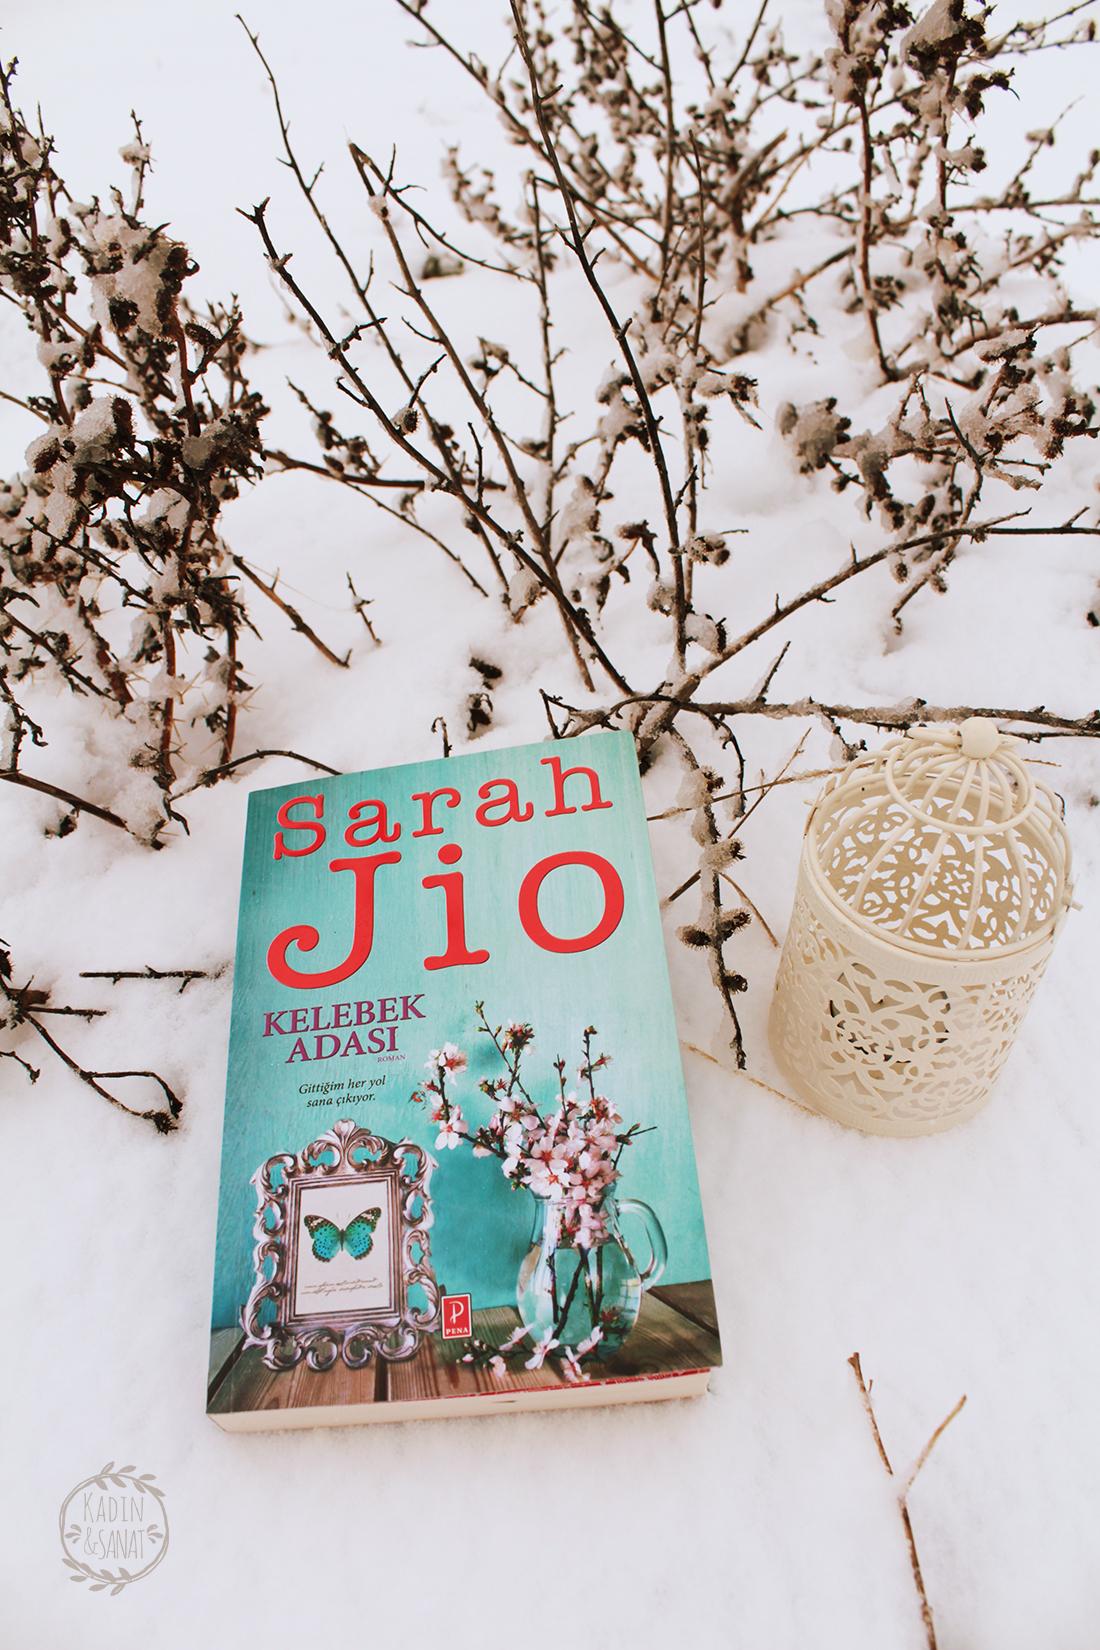 sarah-jio-kelebek-adasi-3